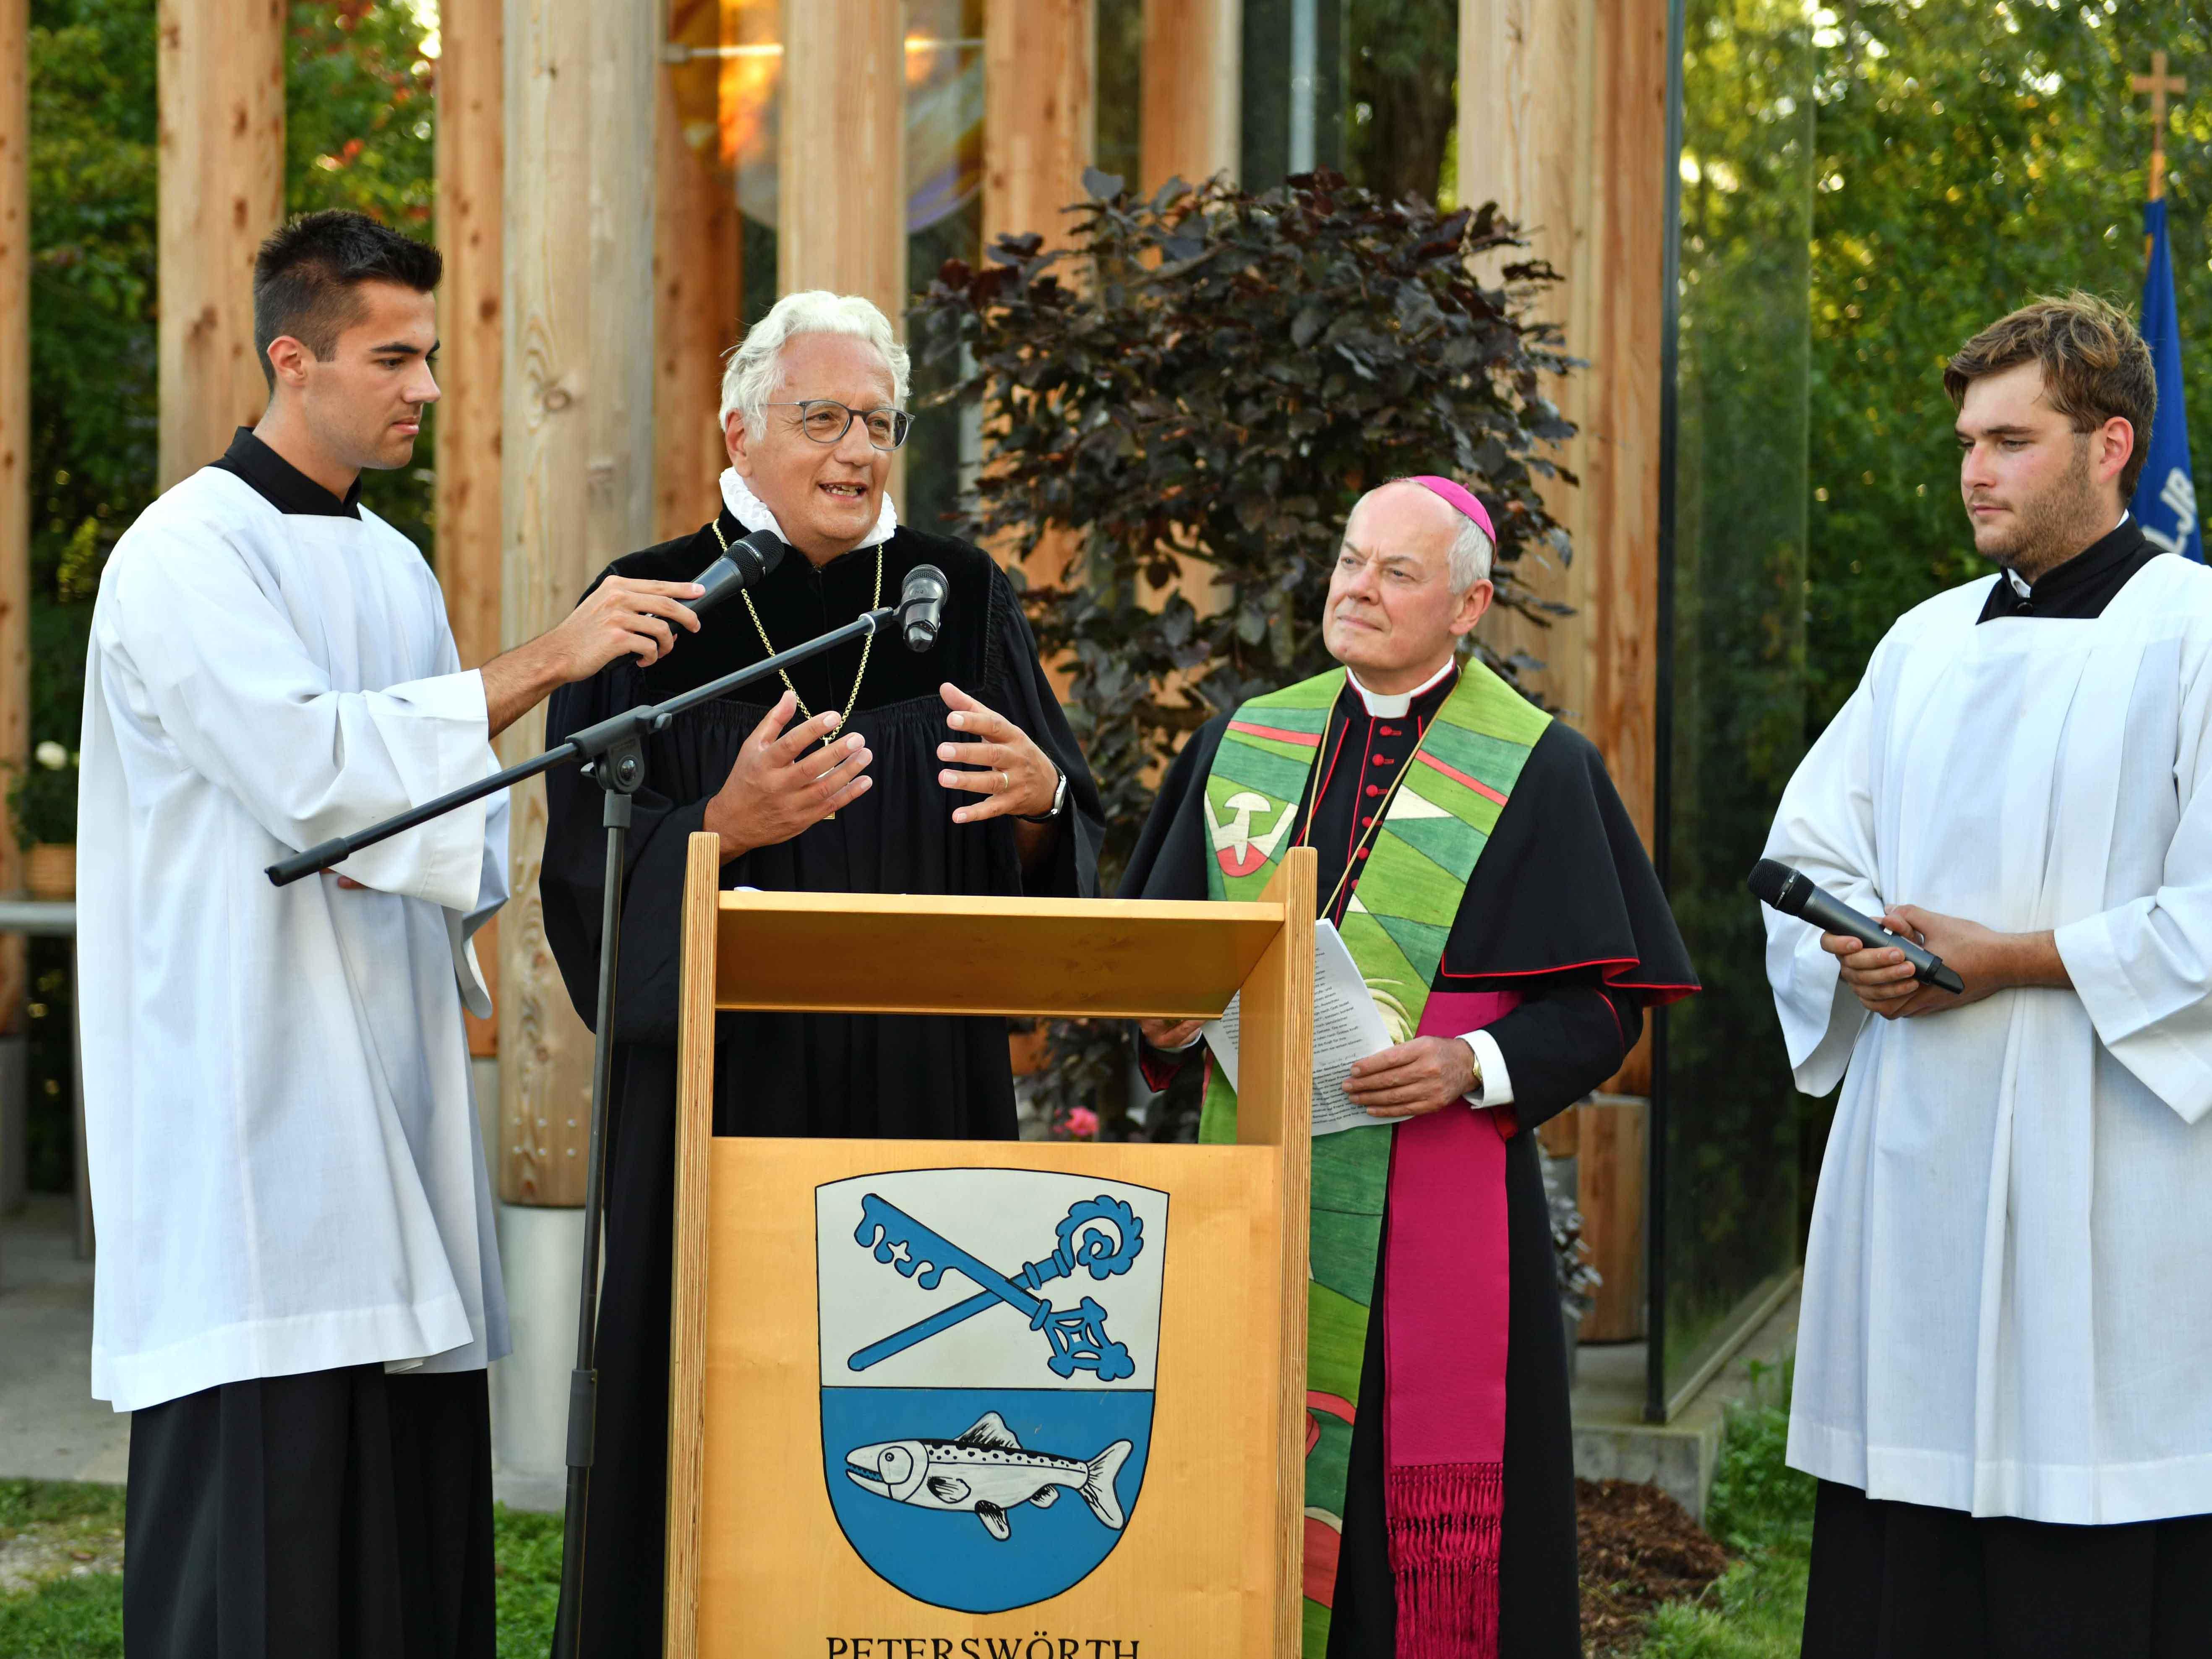 In einer Dialogpredigt erinnerten Regionalbischof Axel Piper und Weihbischof Dr. Dr. Anton Losinger an Gott als die Quelle des Lebens und der Schöpfung. (Fotos: Nicolas Schnall / pba)